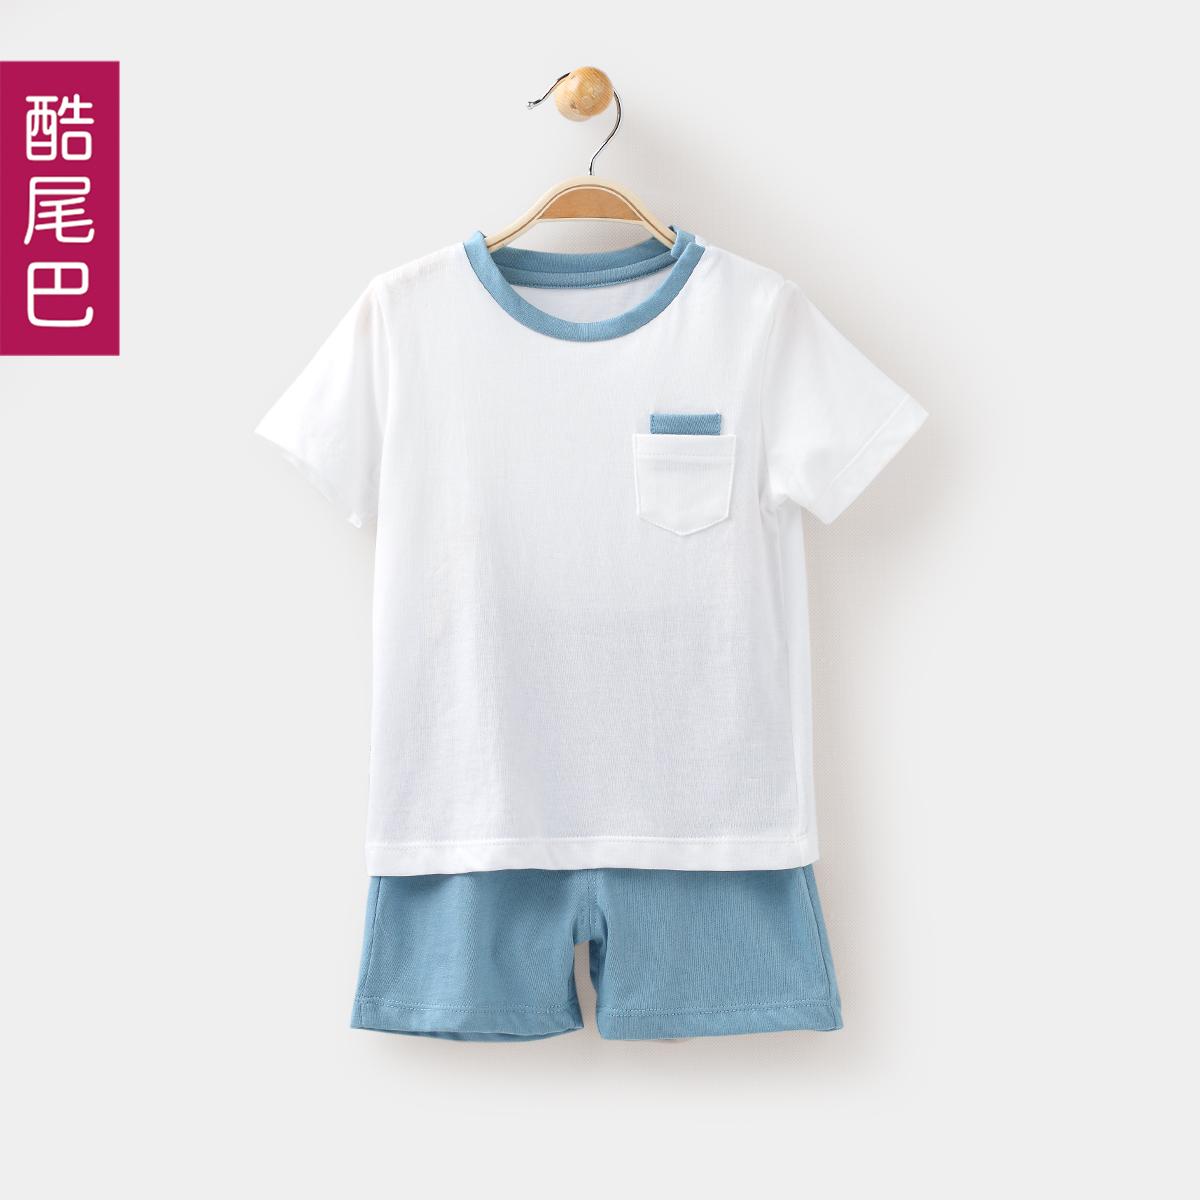 男寶寶夏裝套裝0~1歲 男童短袖套裝 男嬰兒T恤套裝 純棉薄款短褲